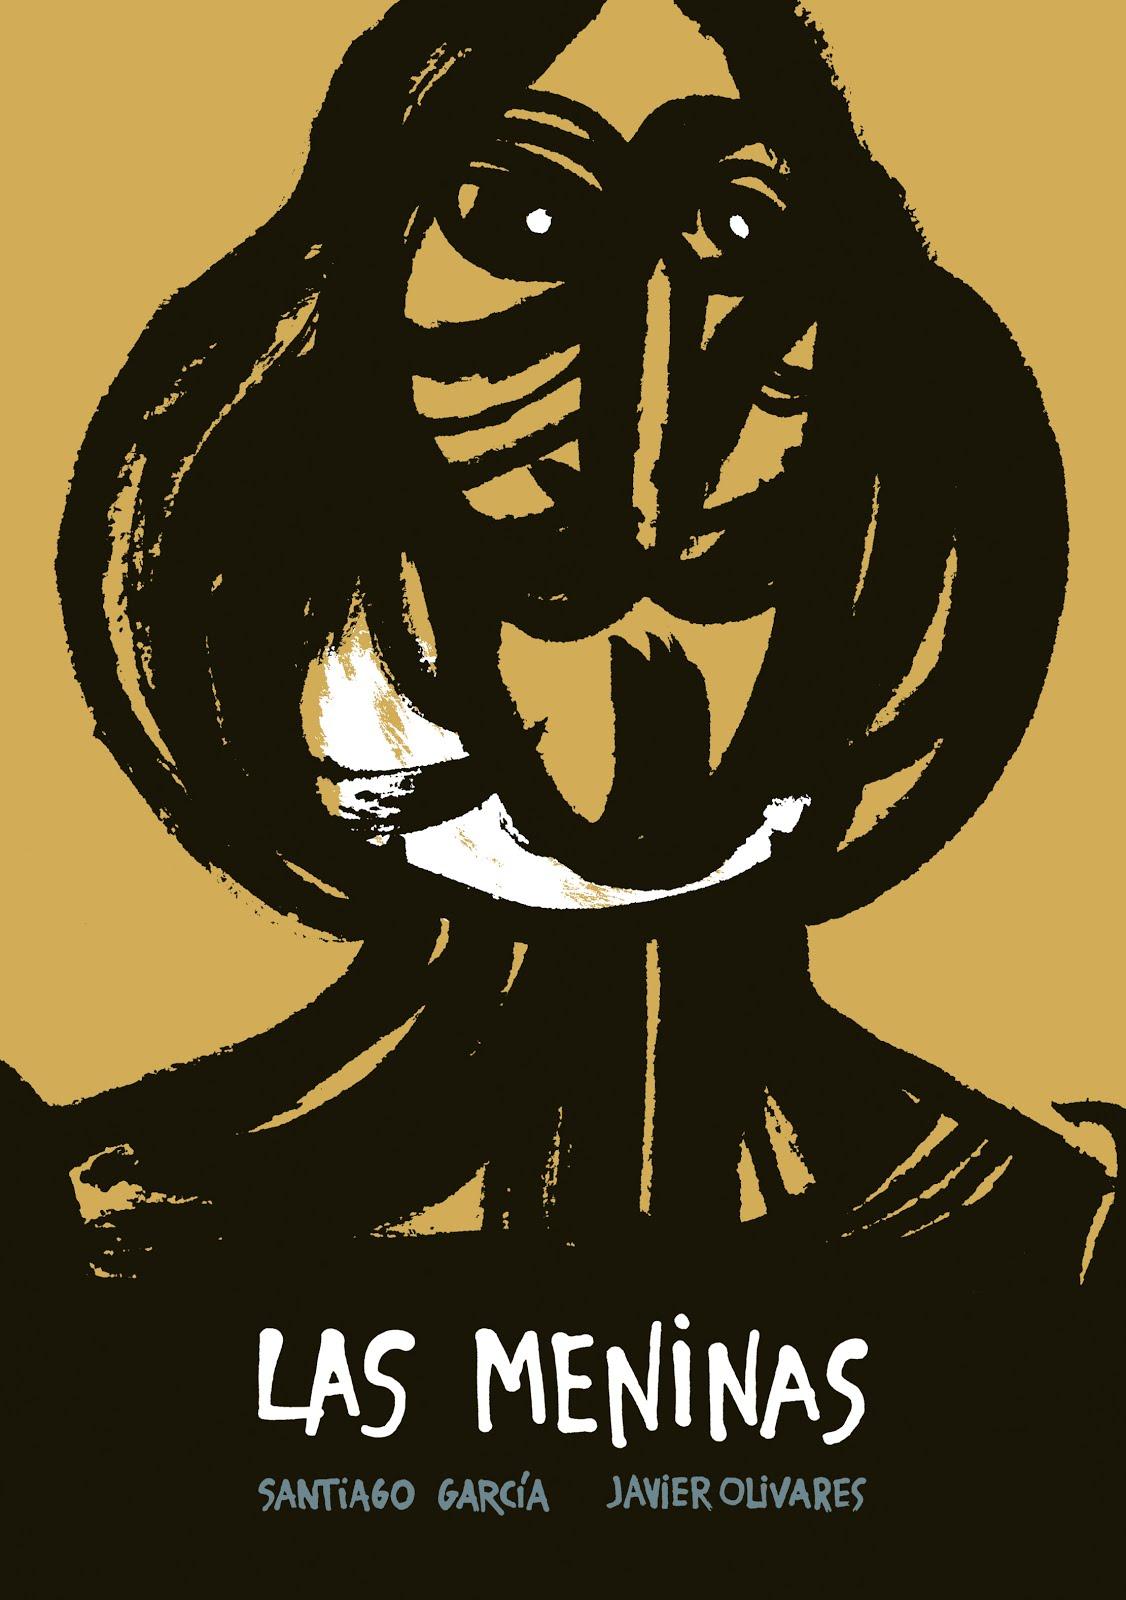 Cubierta de Las Meninas. Guión: Santiago García. Dibujos: Javier Olivares